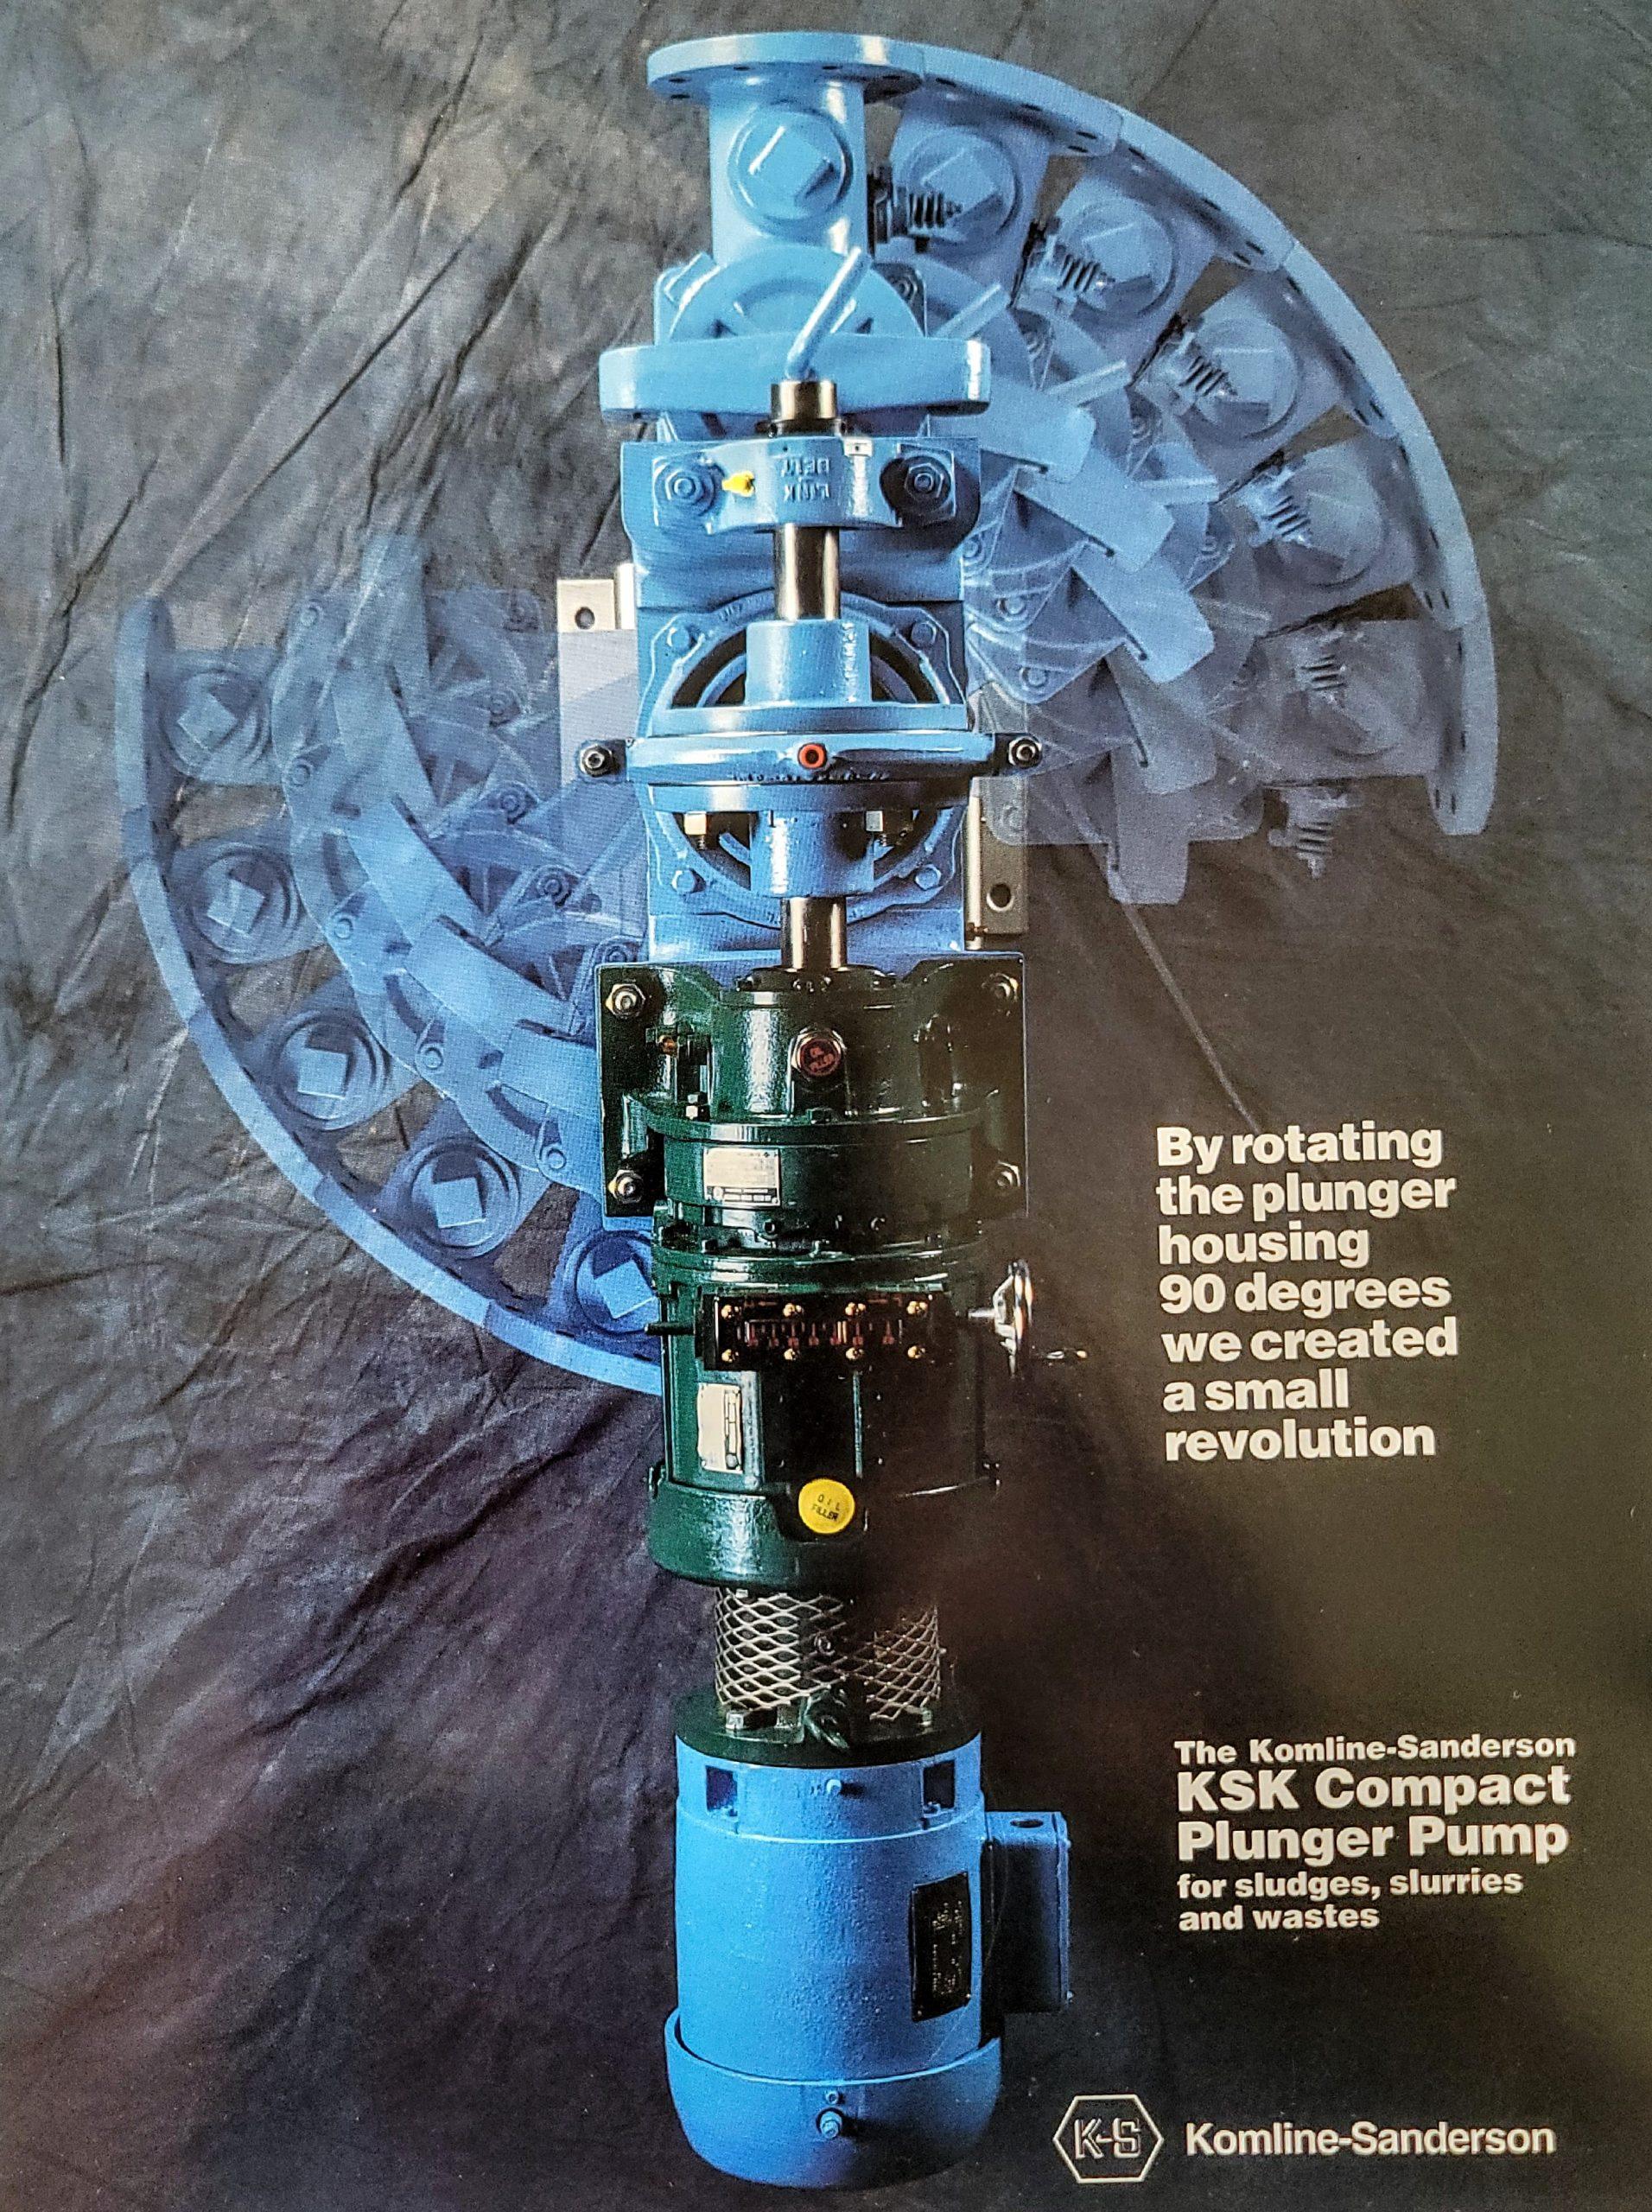 komline sanderson_plunger pump_brochure_2